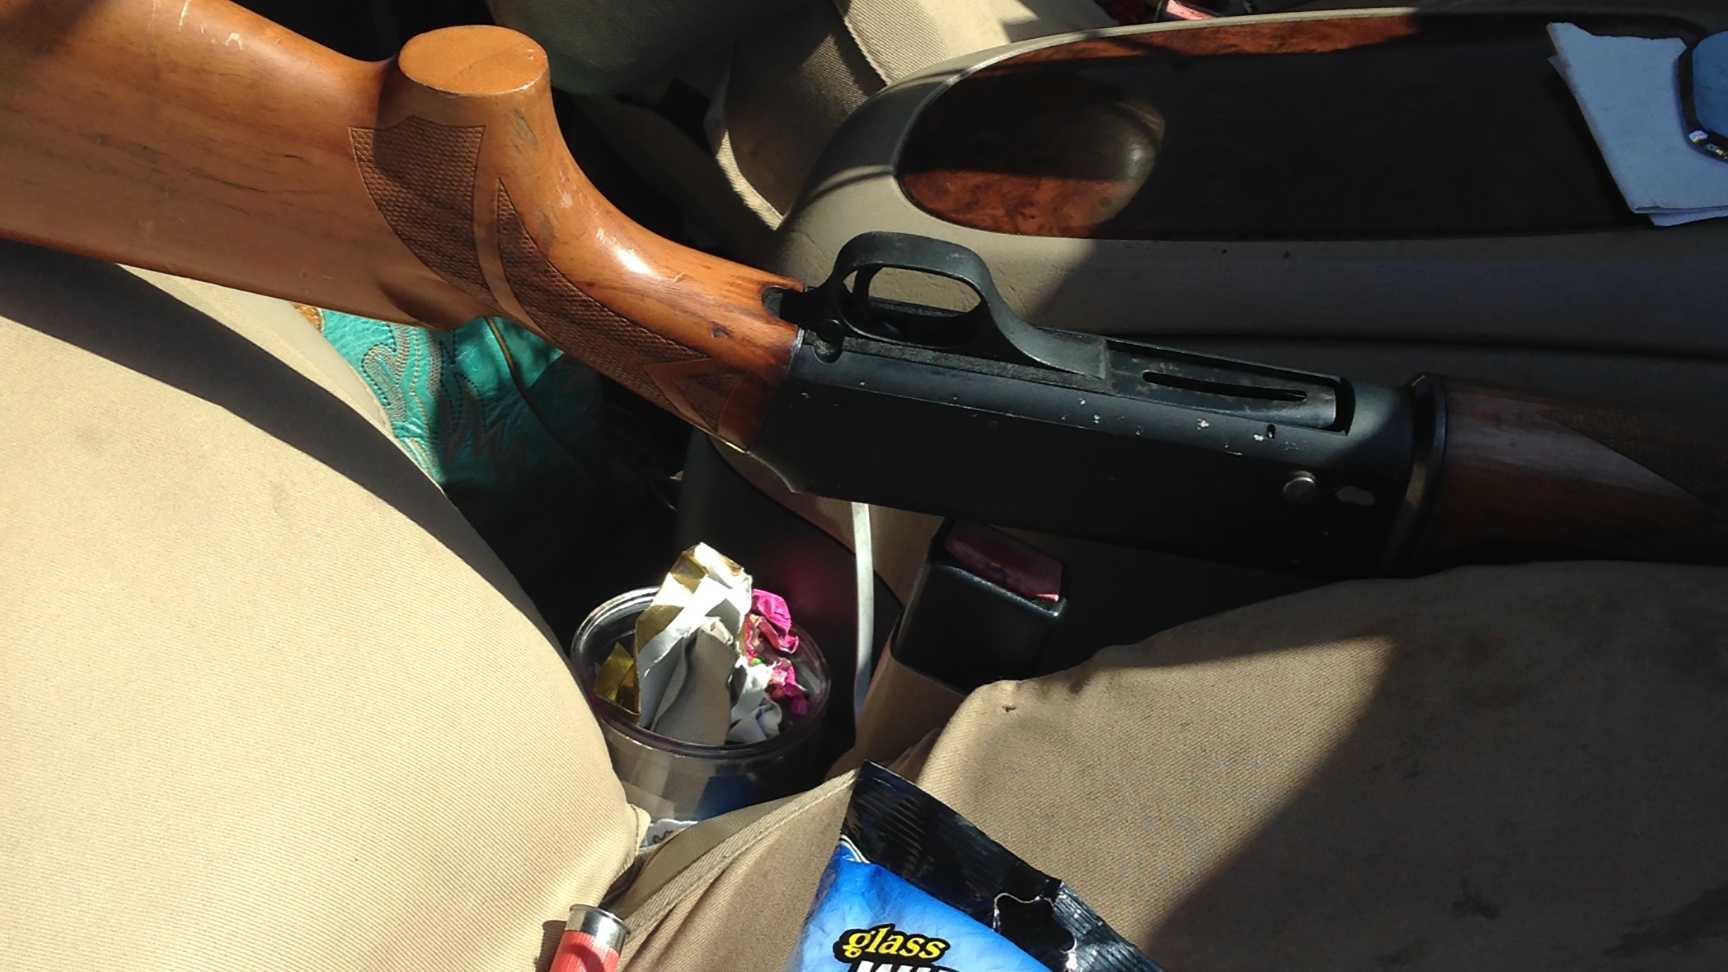 gun on campus.jpg